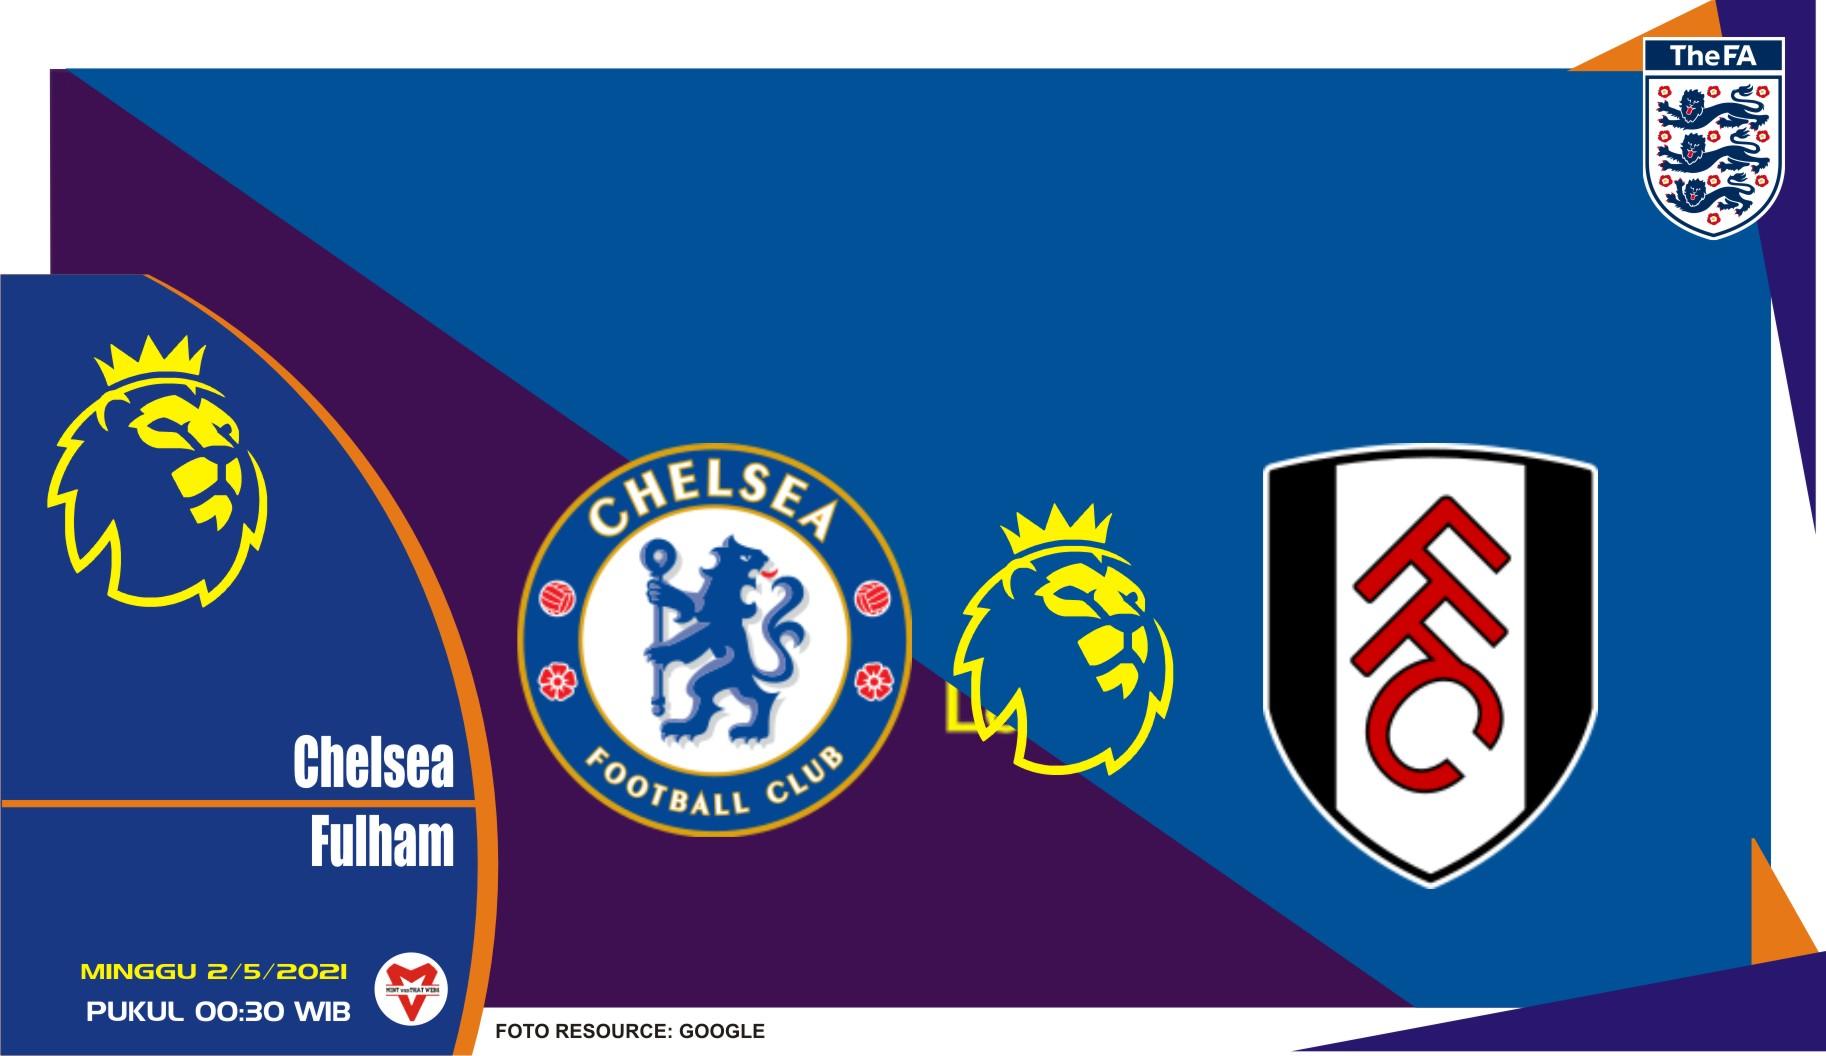 Prediksi Liga Inggris: Chelsea vs Fulham - 2 Mei 2021